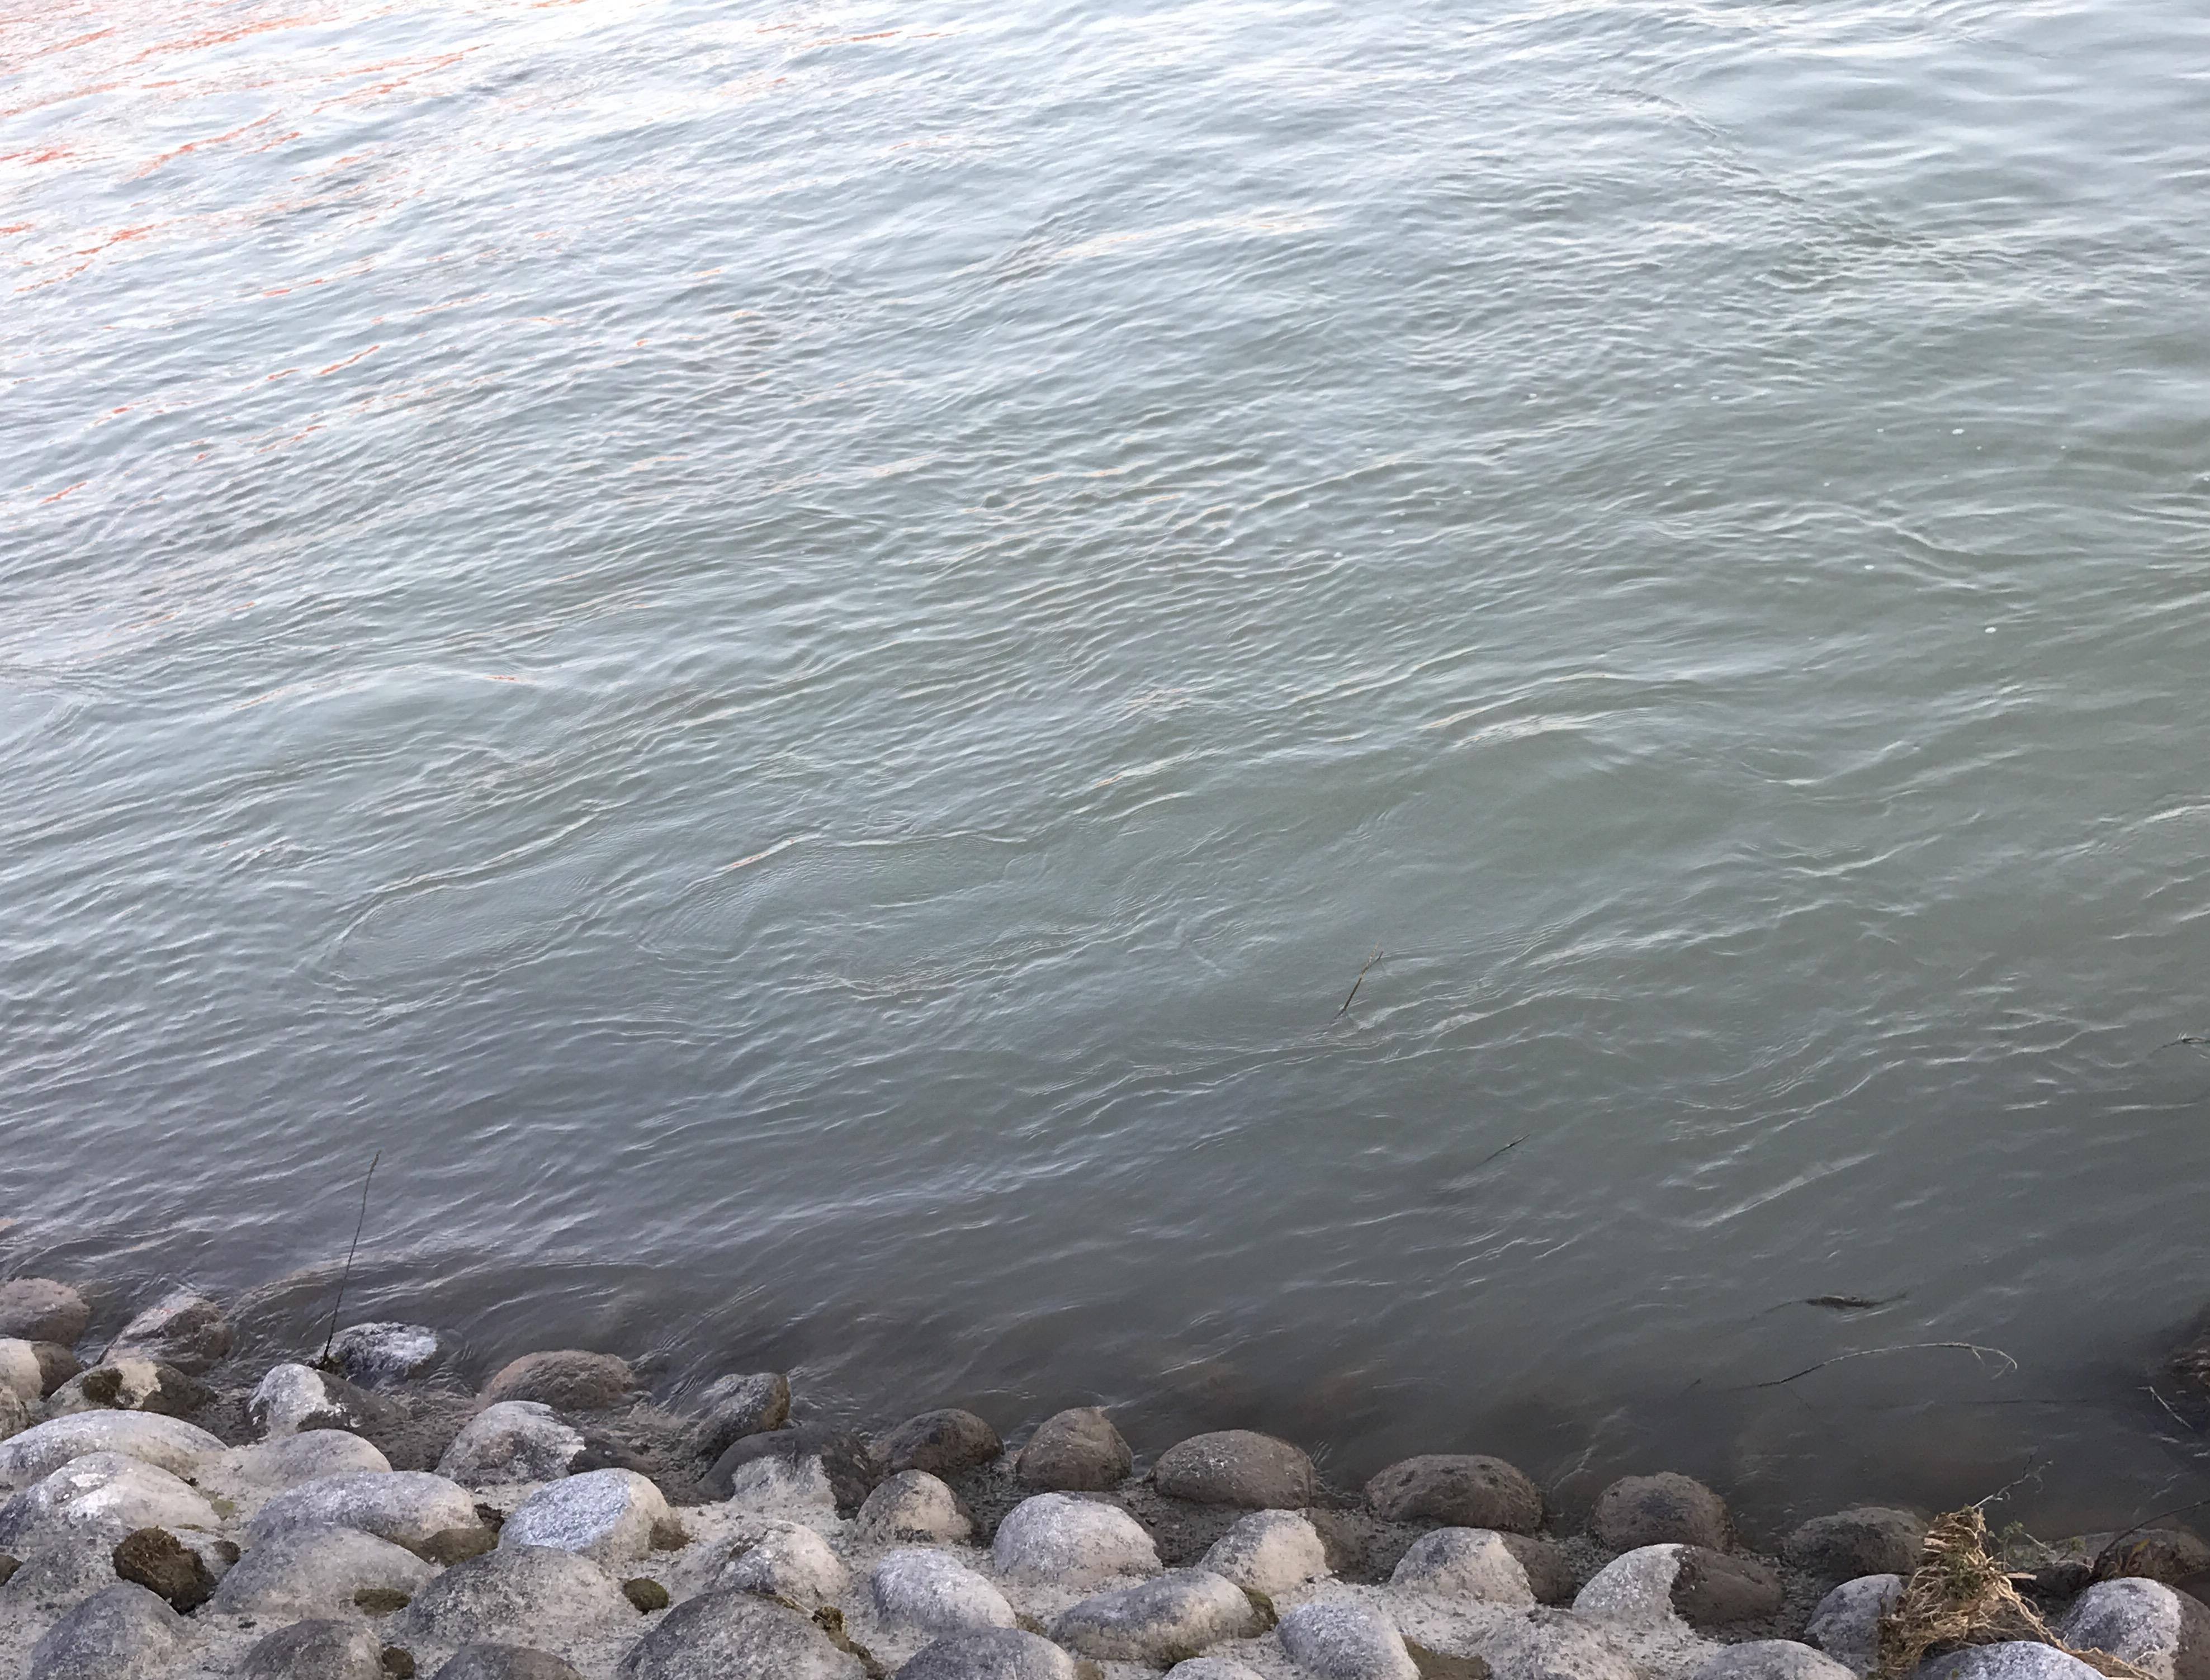 減水も濁りが強い状態